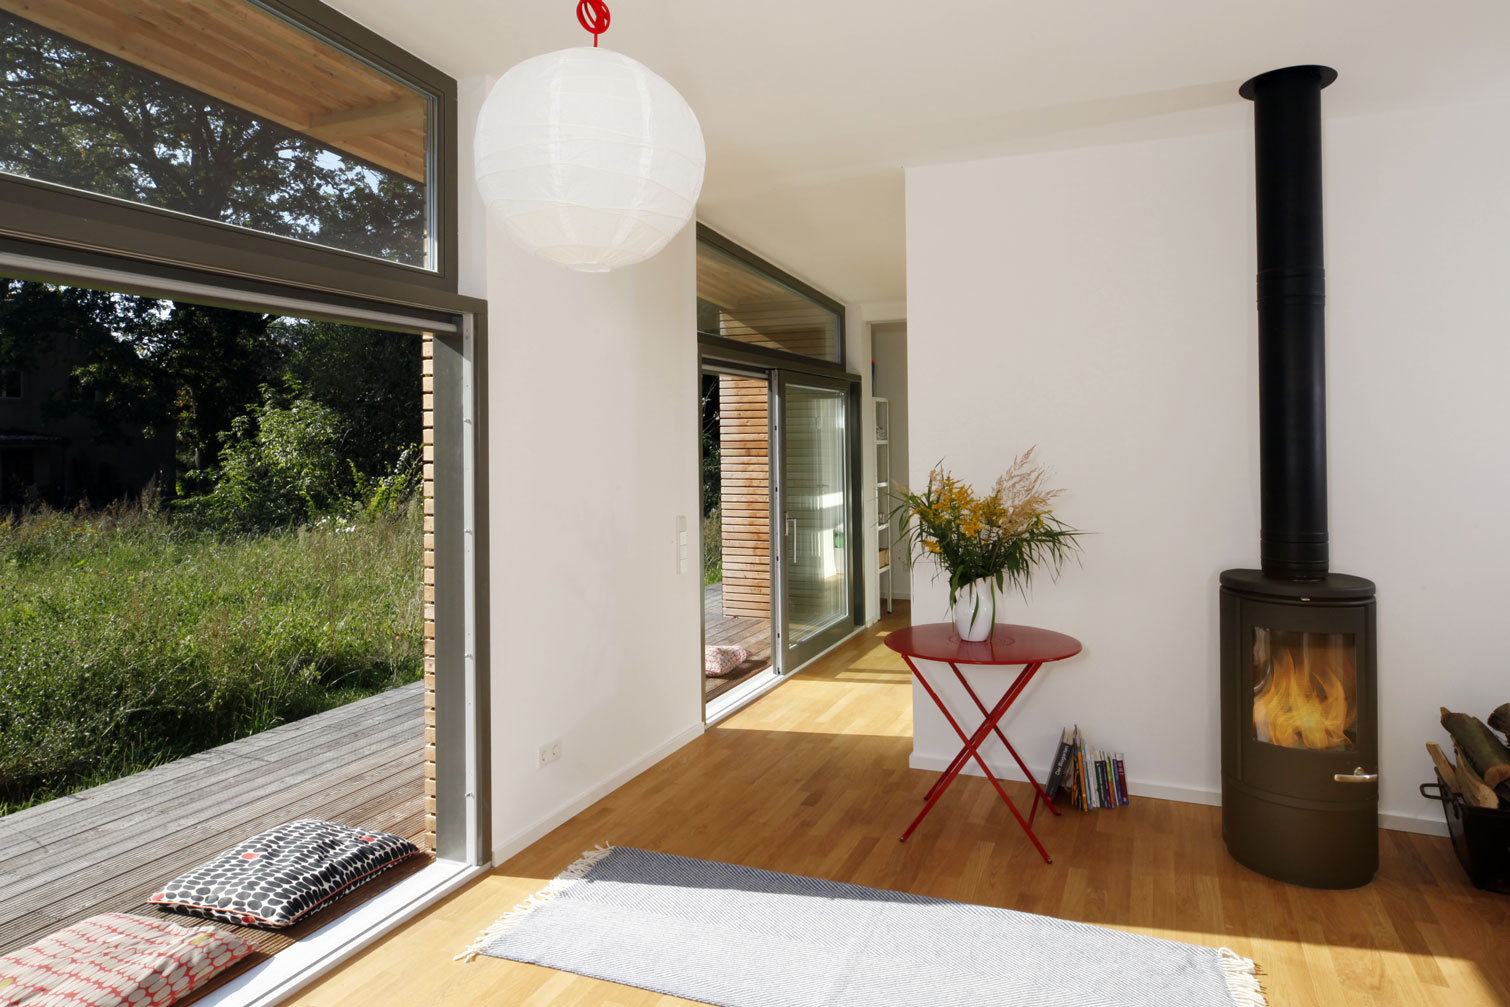 Modernes Fertighaus mit großzügiger Terrasse mit Vordach.